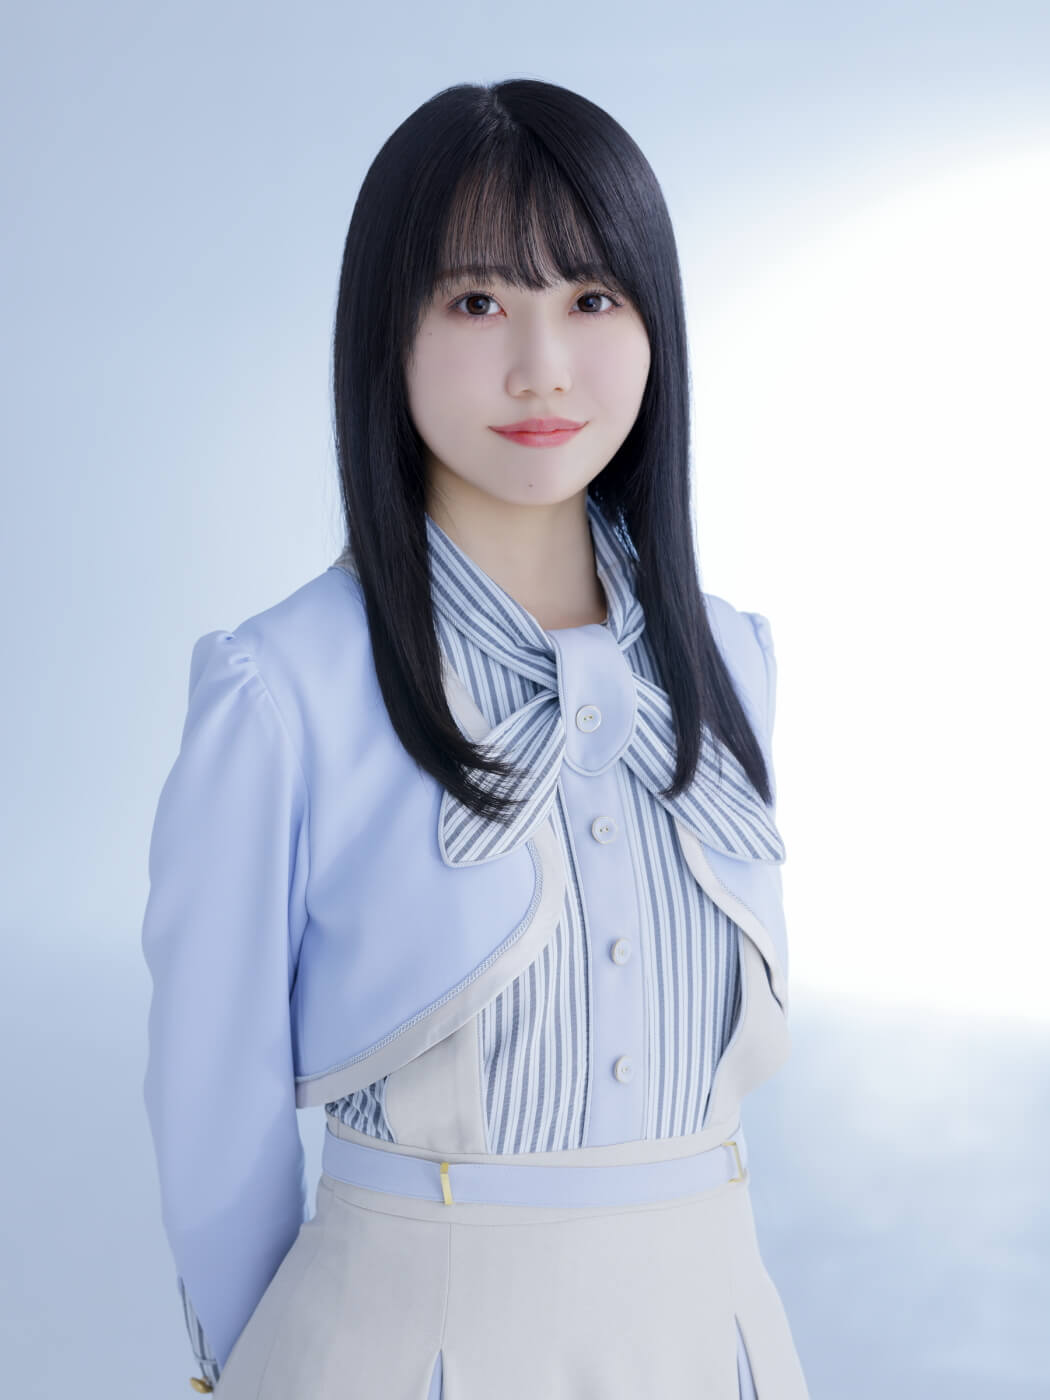 5月9日(日)よる6時から 4期生・矢久保美緒が登場!